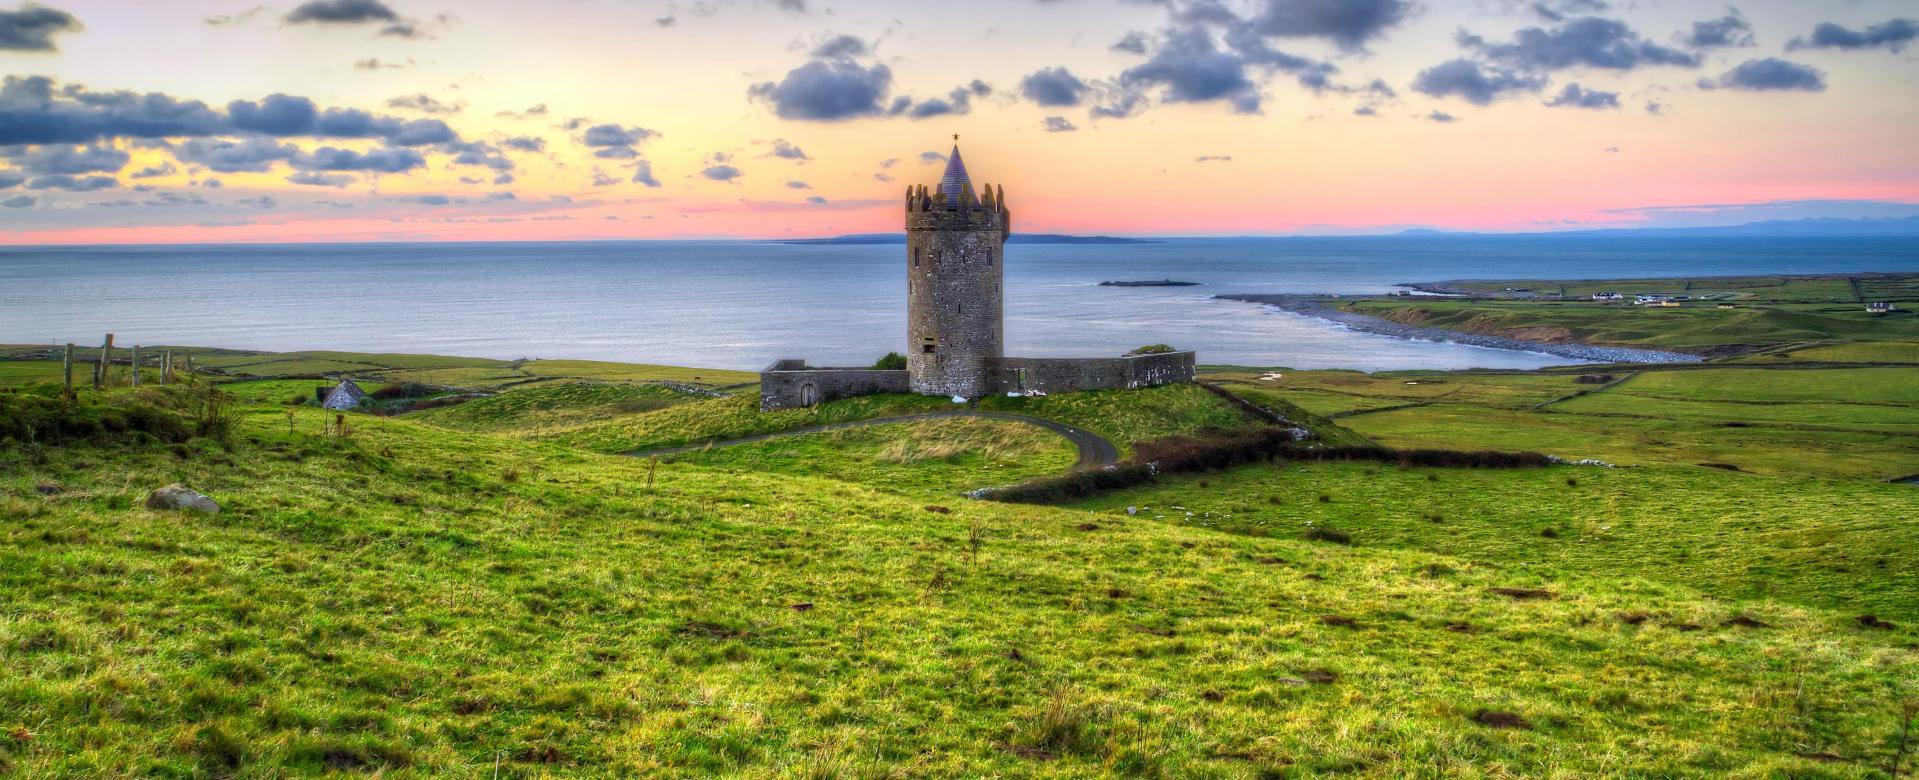 Voyage à pied Irlande : Iles et falaises du sud-ouest irlandais